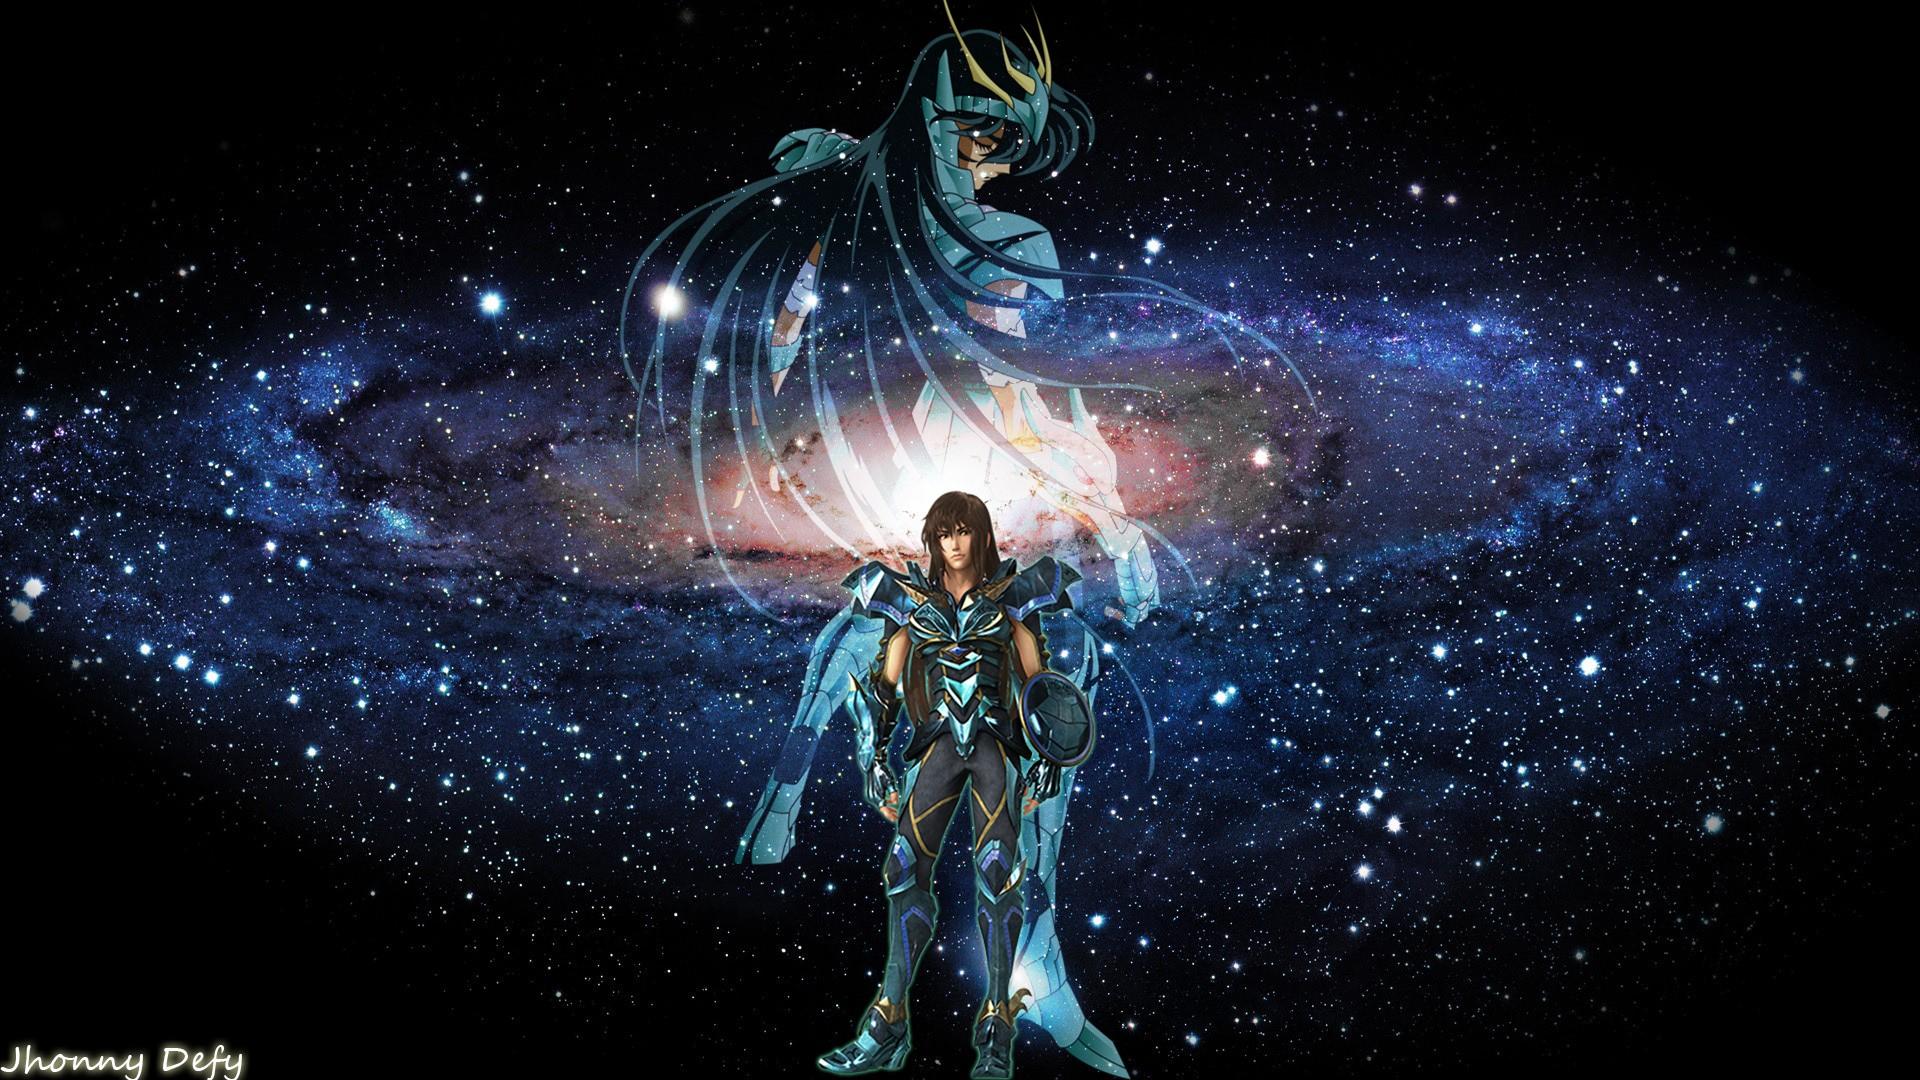 デスクトップ壁紙 図 銀河 スペース 真夜中 聖闘士星矢聖域の